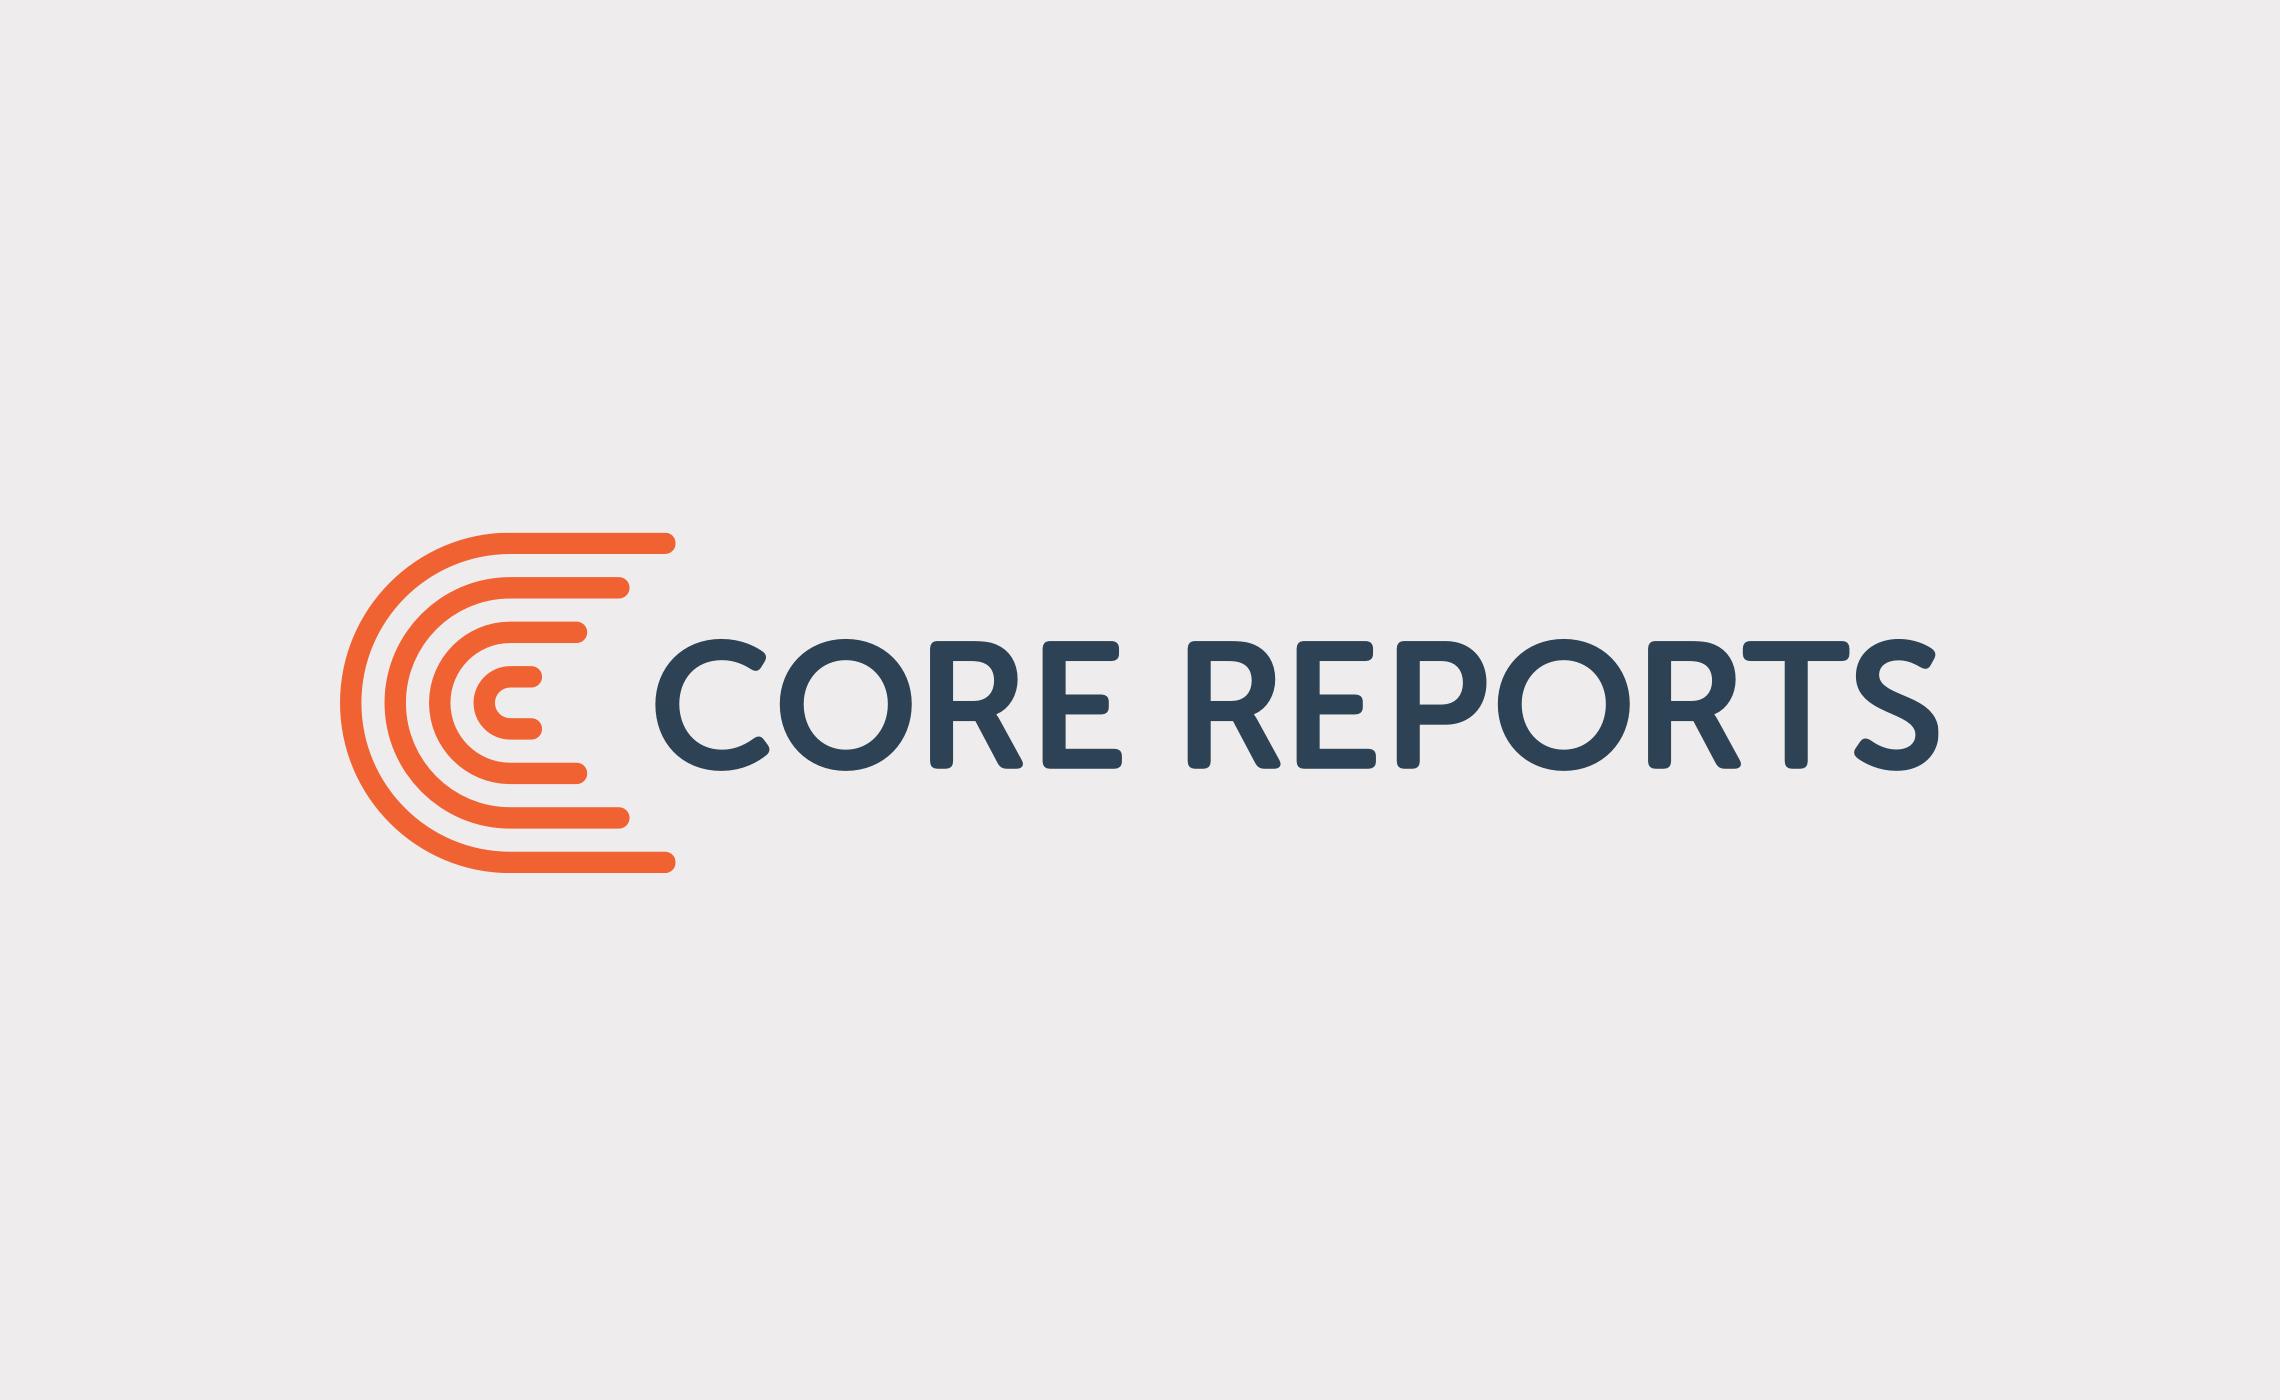 Core Reports – brand identity